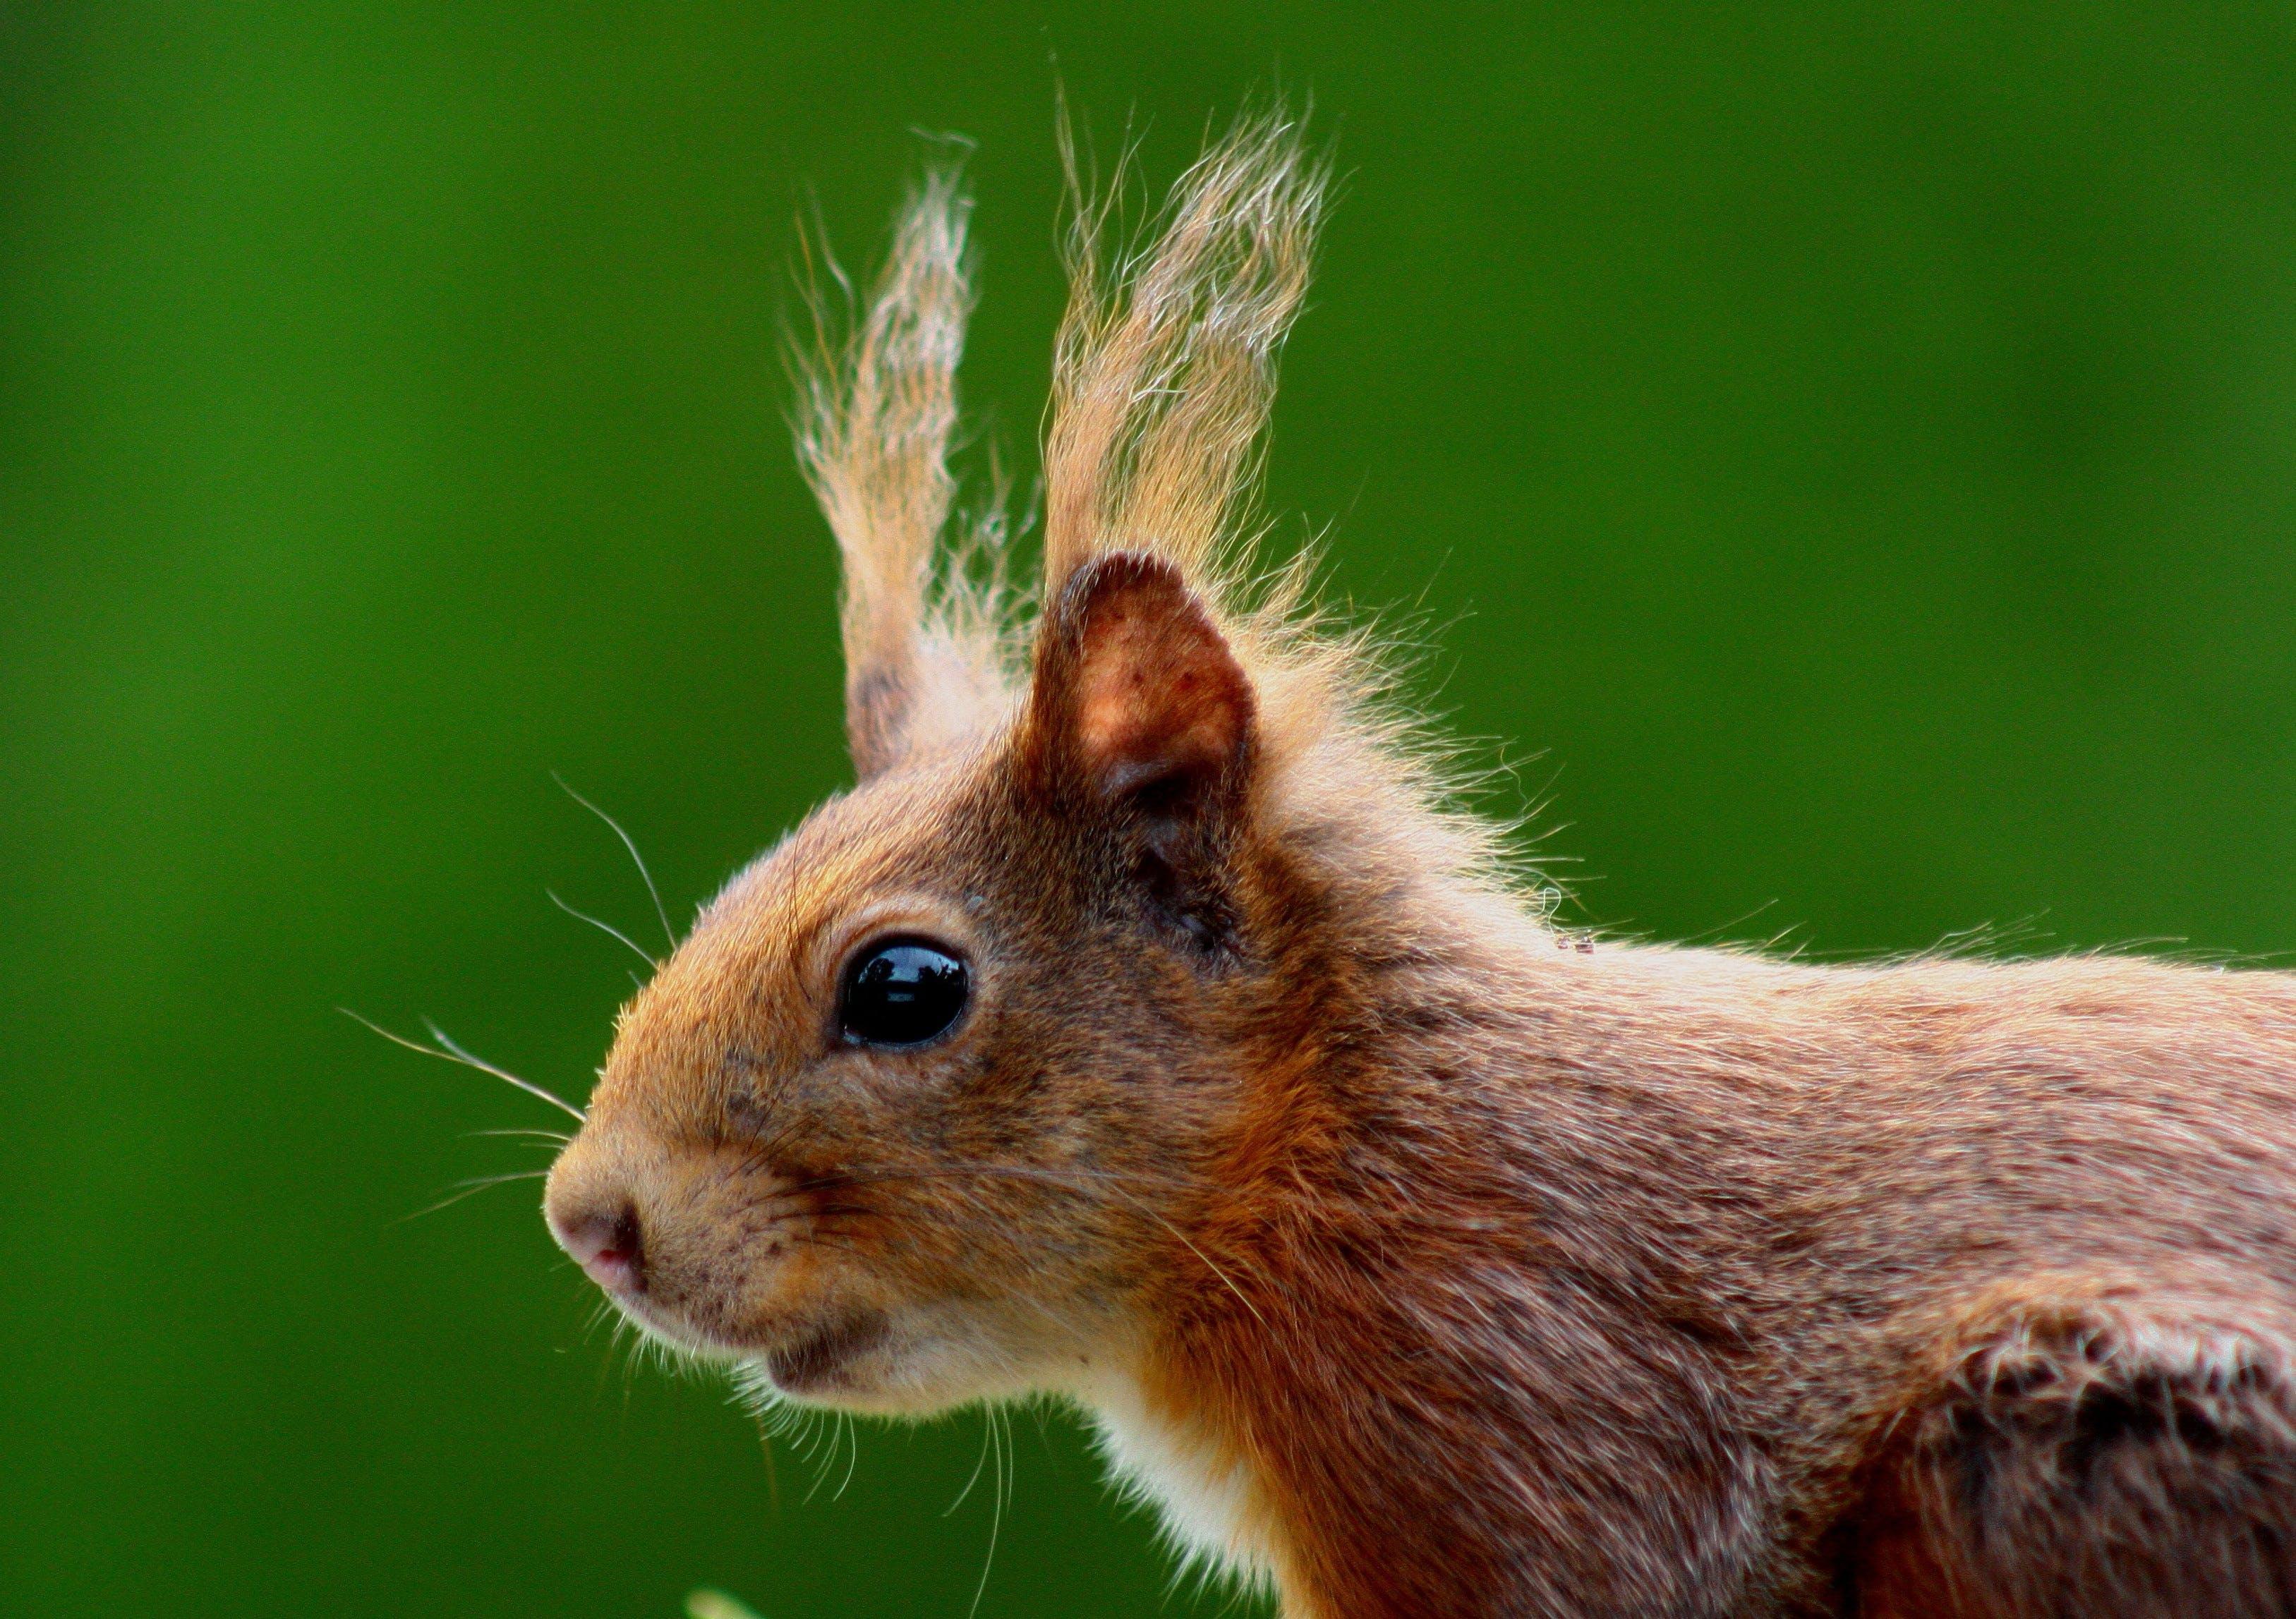 Kostenloses Stock Foto zu eichhörnchen, makro, nagetier, natur